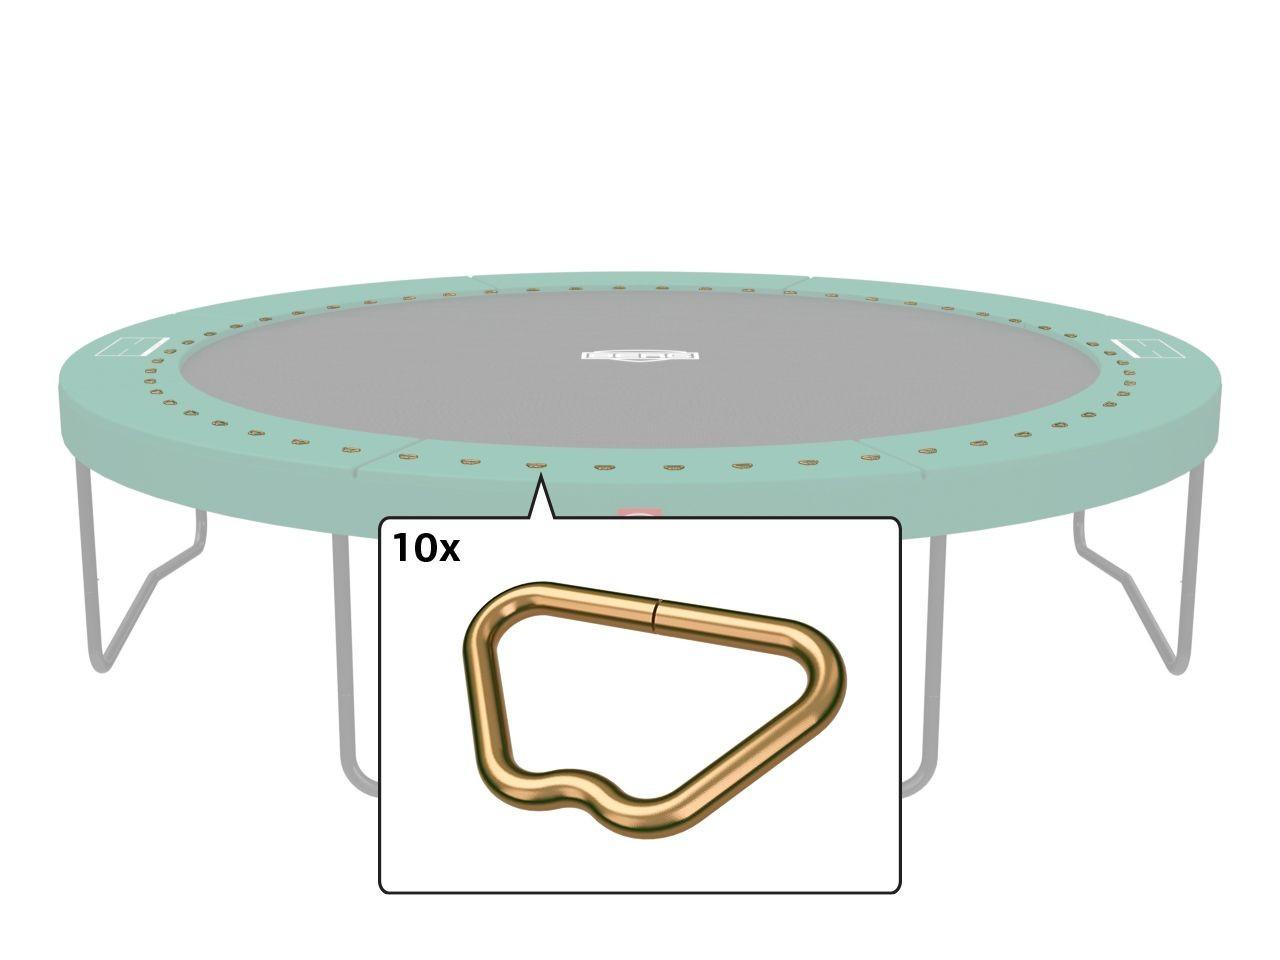 Champion - Veeroog voor springdoek (TwinSpring Gold) (10x)